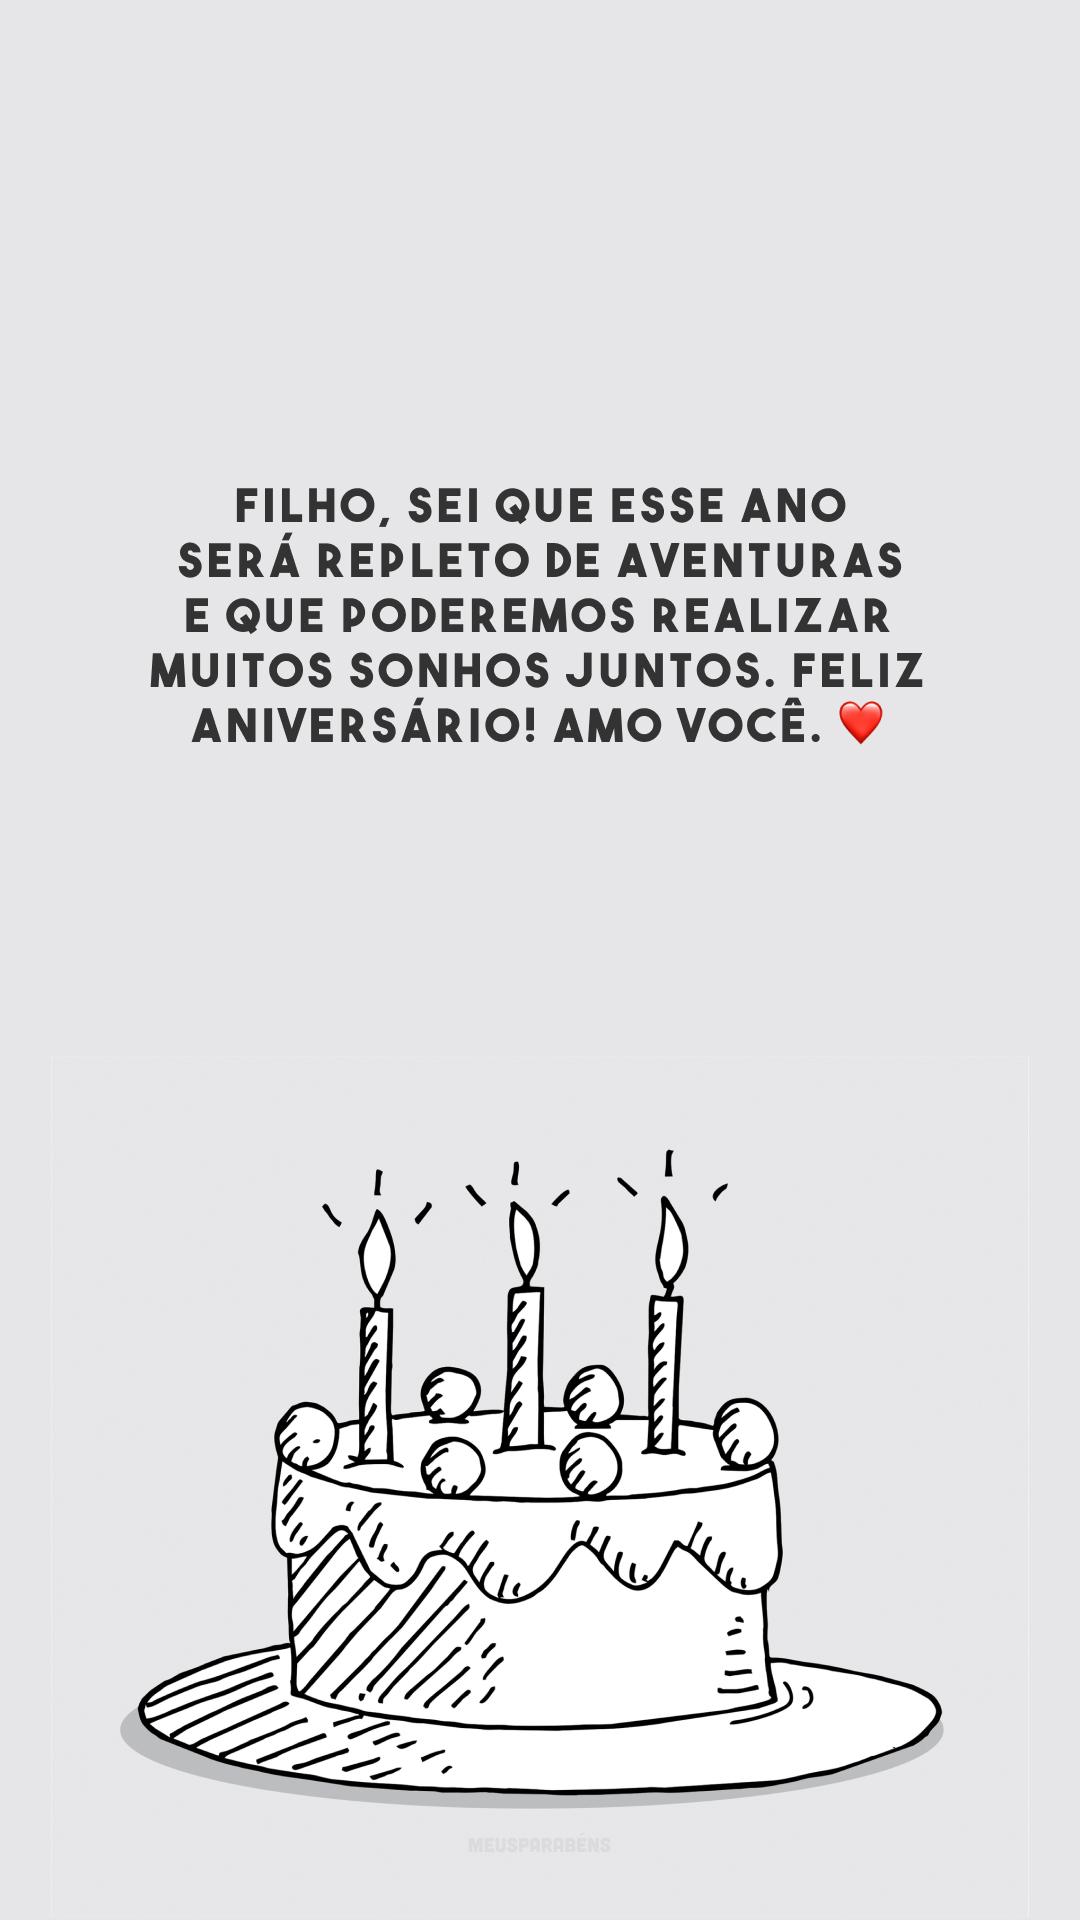 Filho, sei que esse ano será repleto de aventuras e que poderemos realizar muitos sonhos juntos. Feliz aniversário! Amo você. ❤️